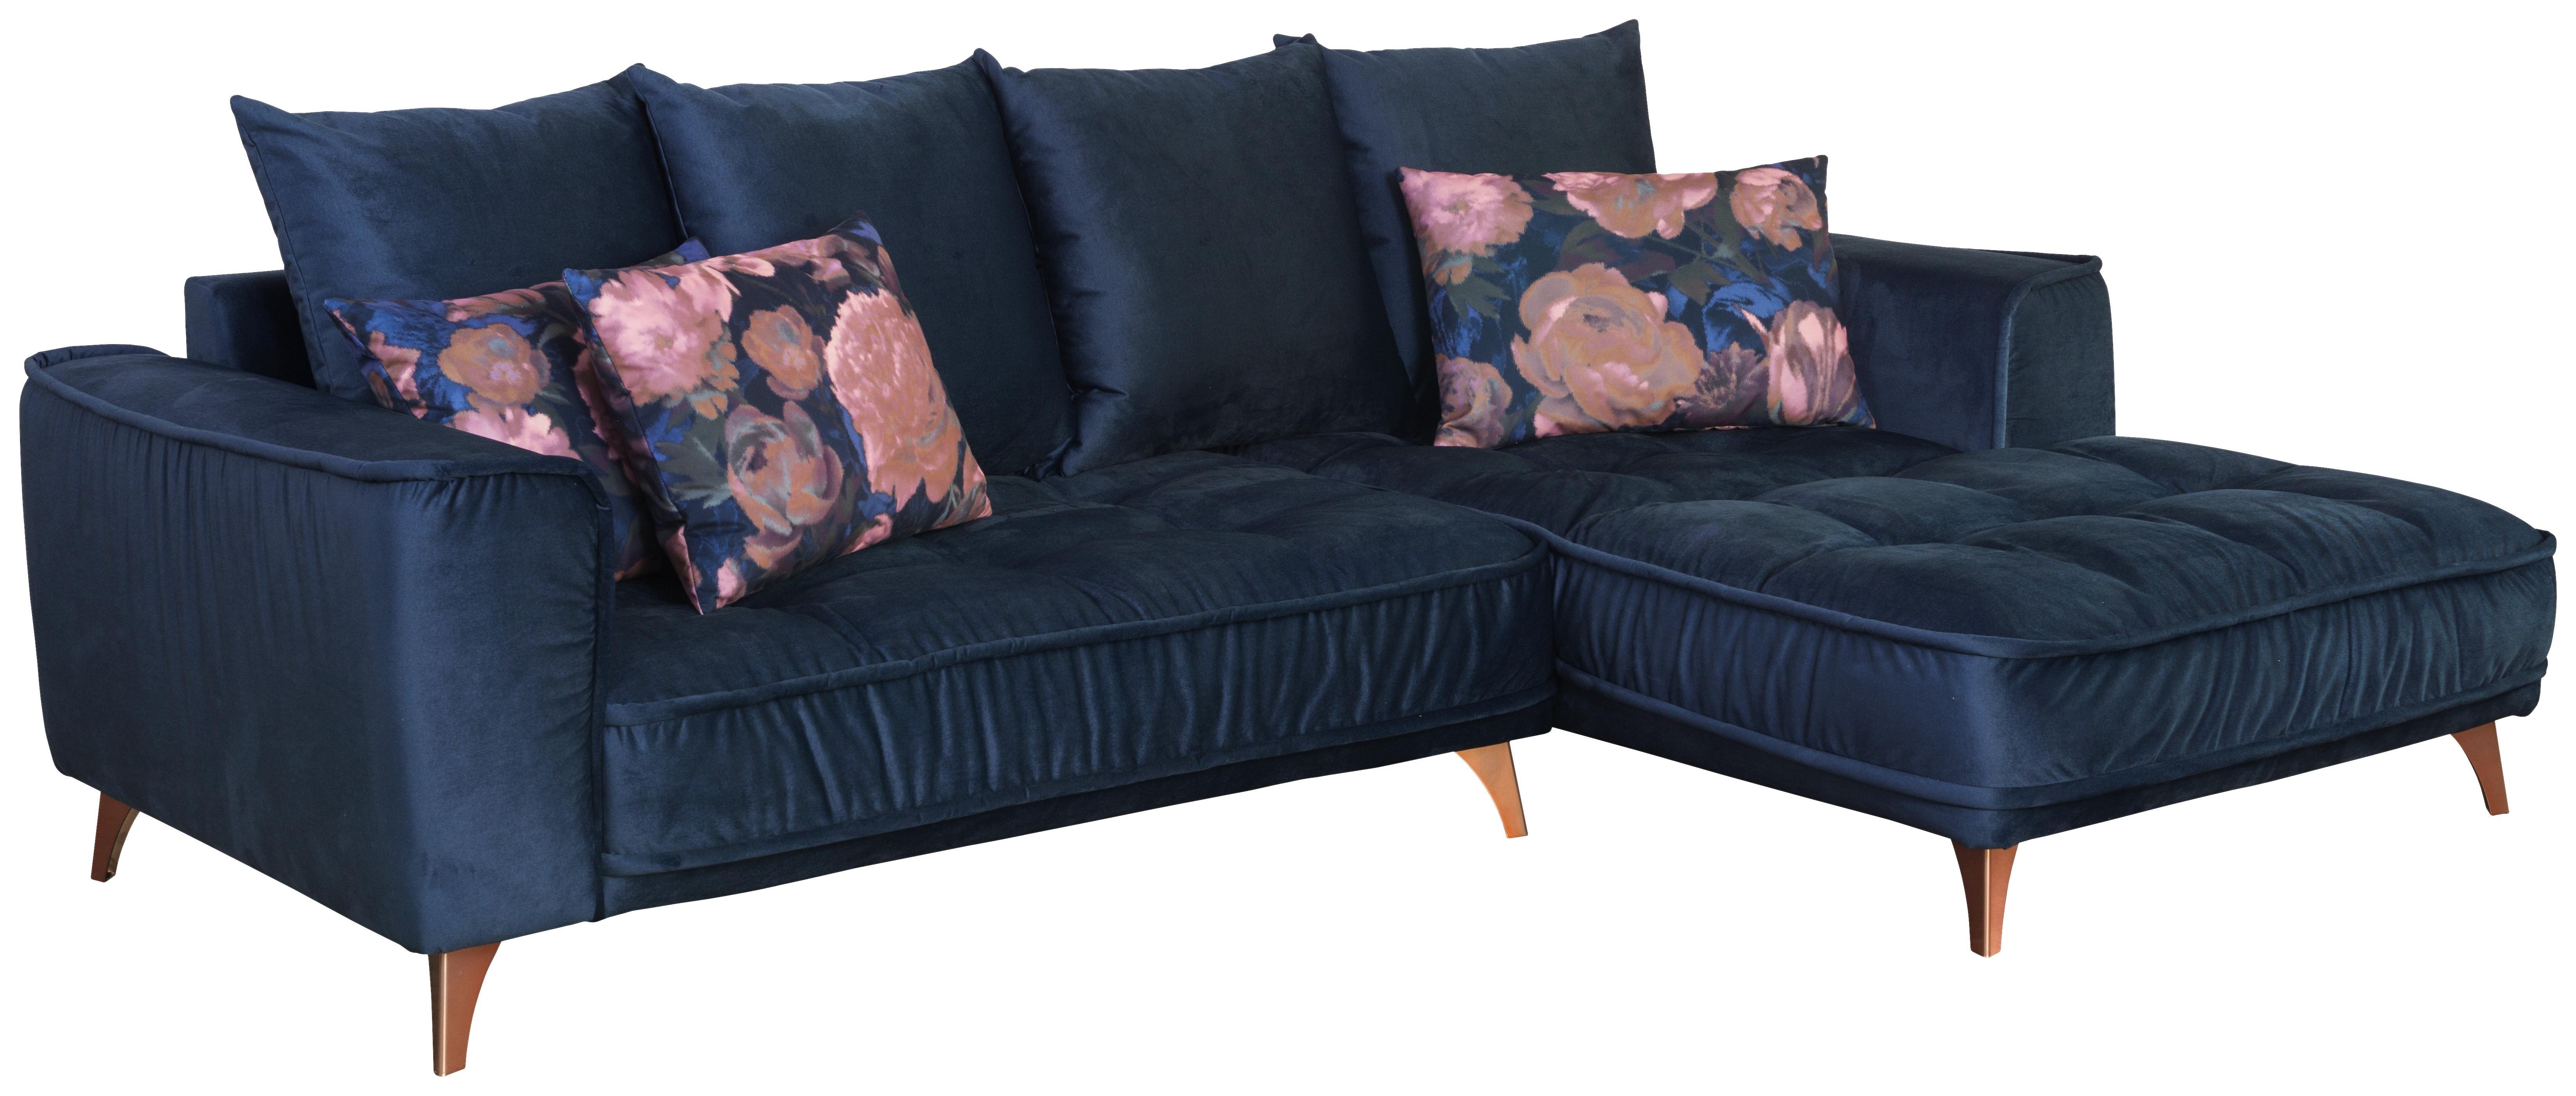 Wohnlandschaft in L-Form Belavio 256x175 cm - Dunkelblau/Kupferfarben, MODERN, Textil (256/175cm) - Luca Bessoni